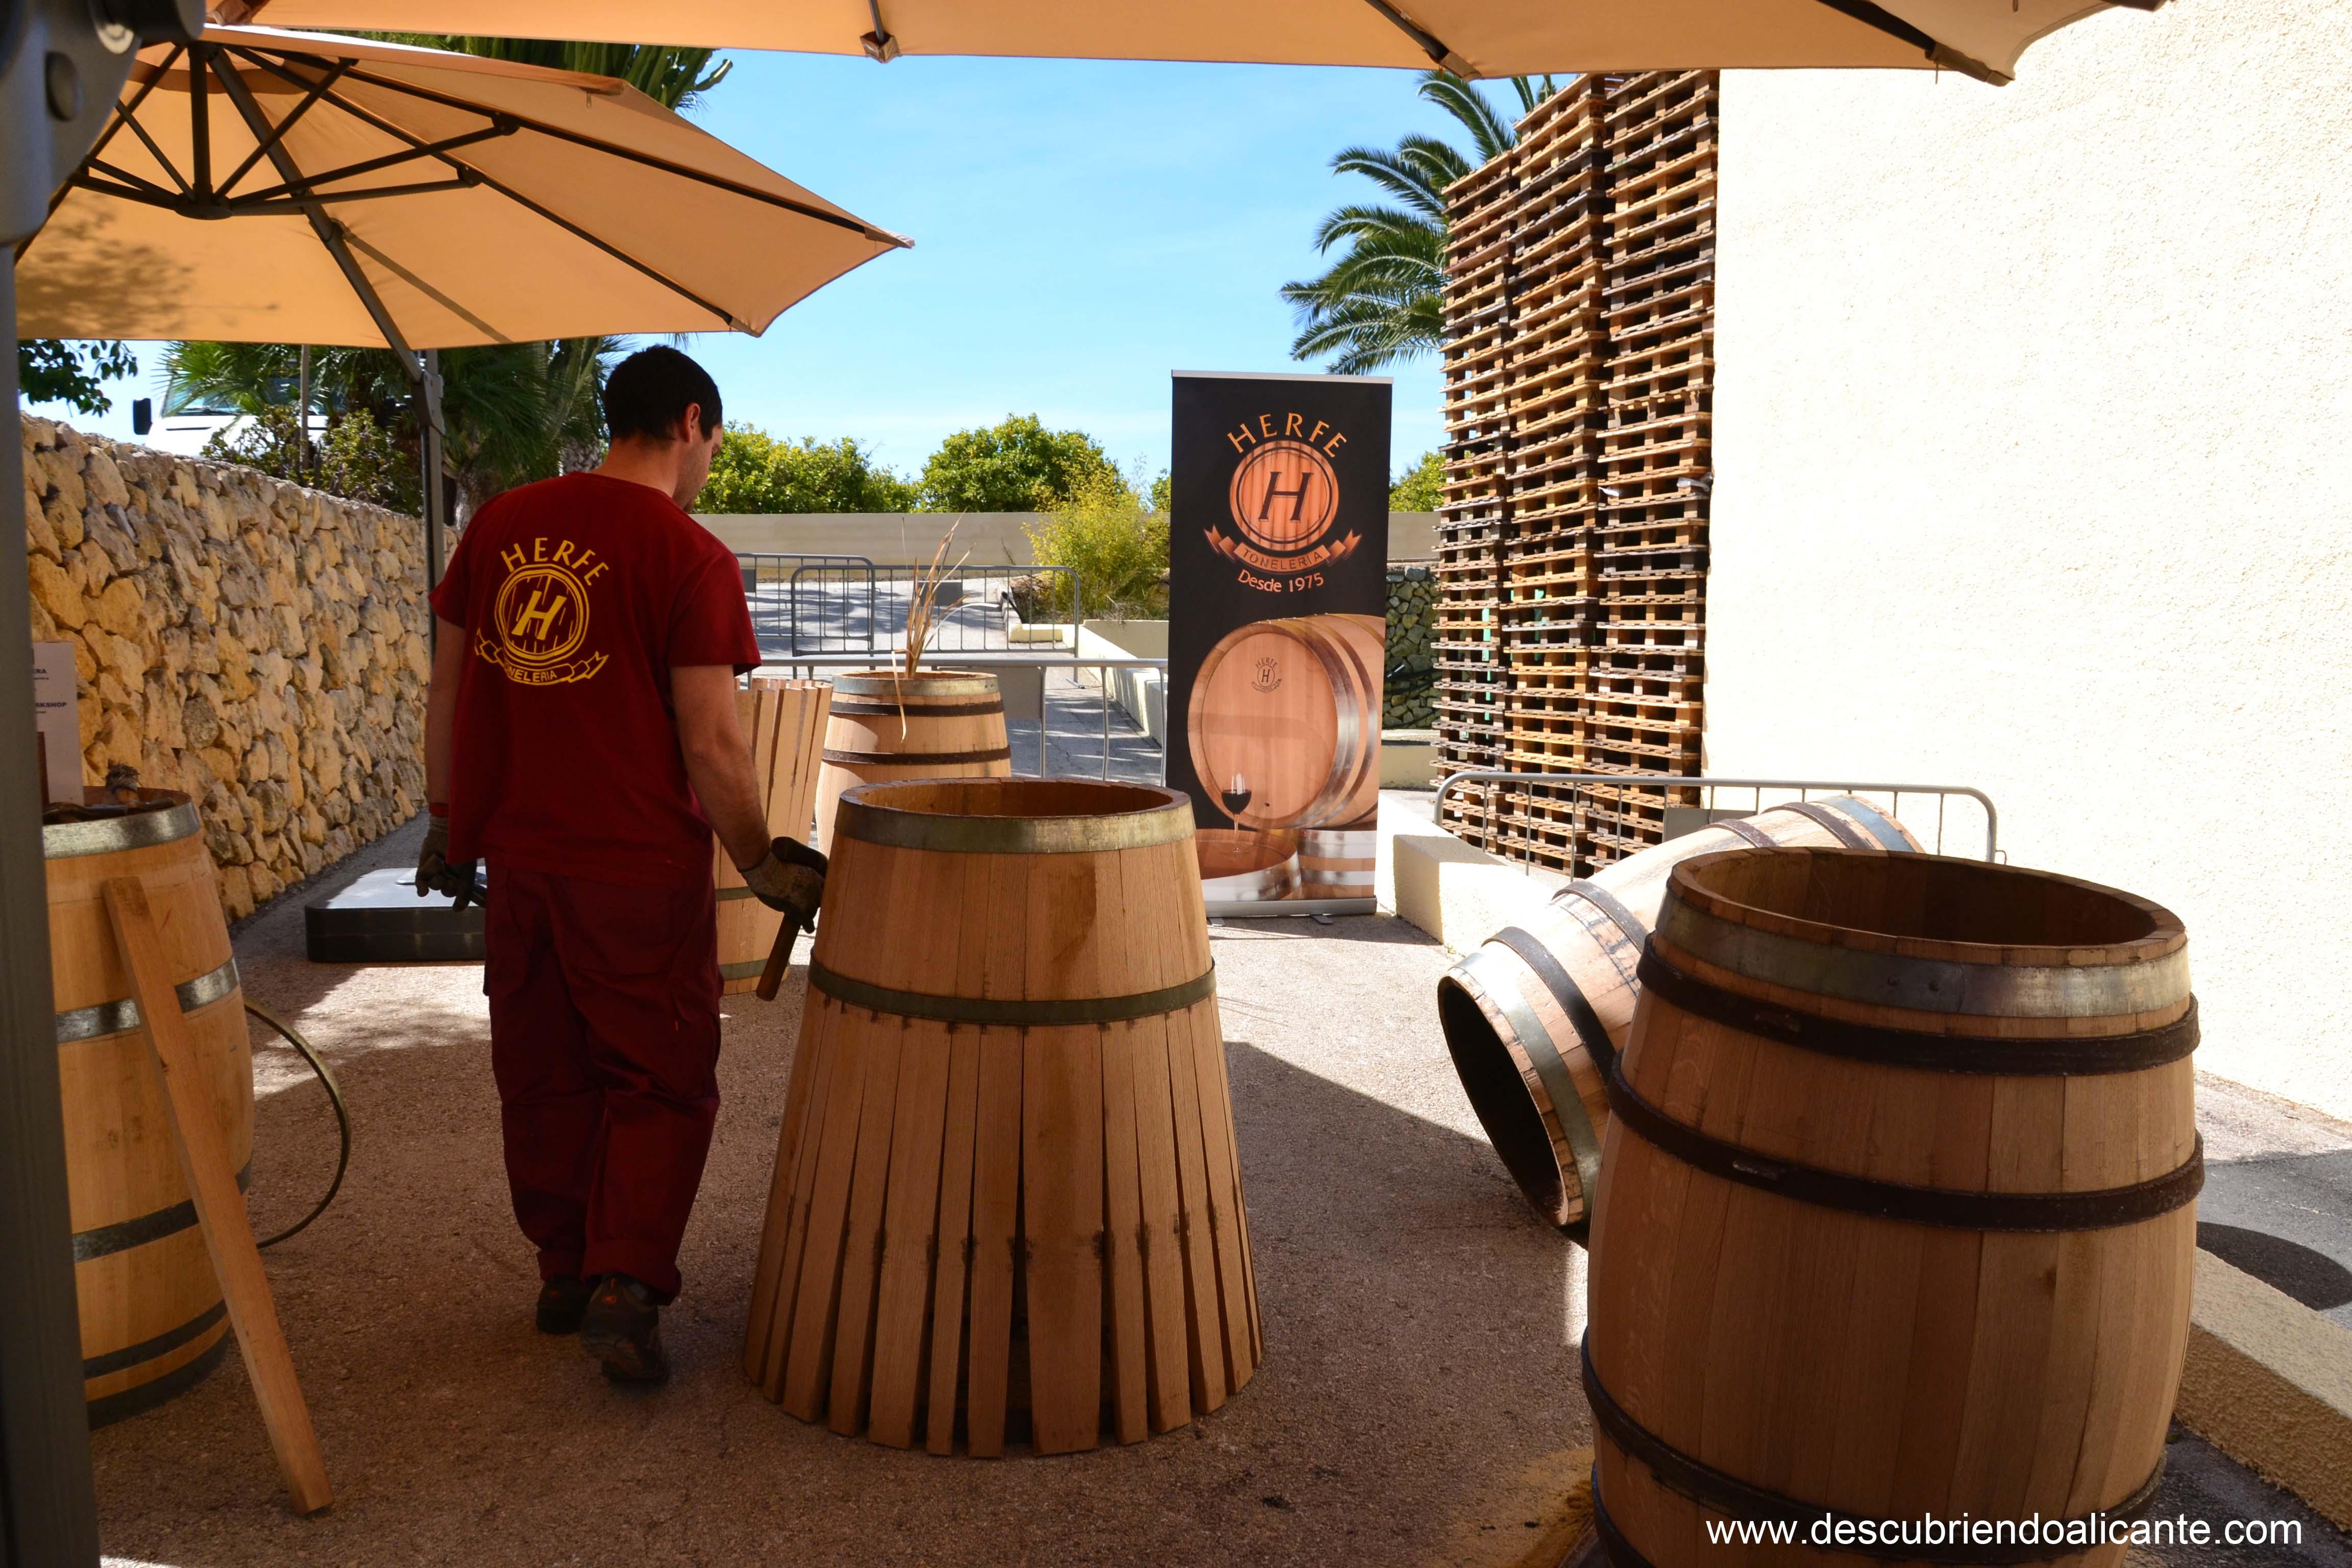 V Enoescapada Mendoza's Experience - Descubriendo